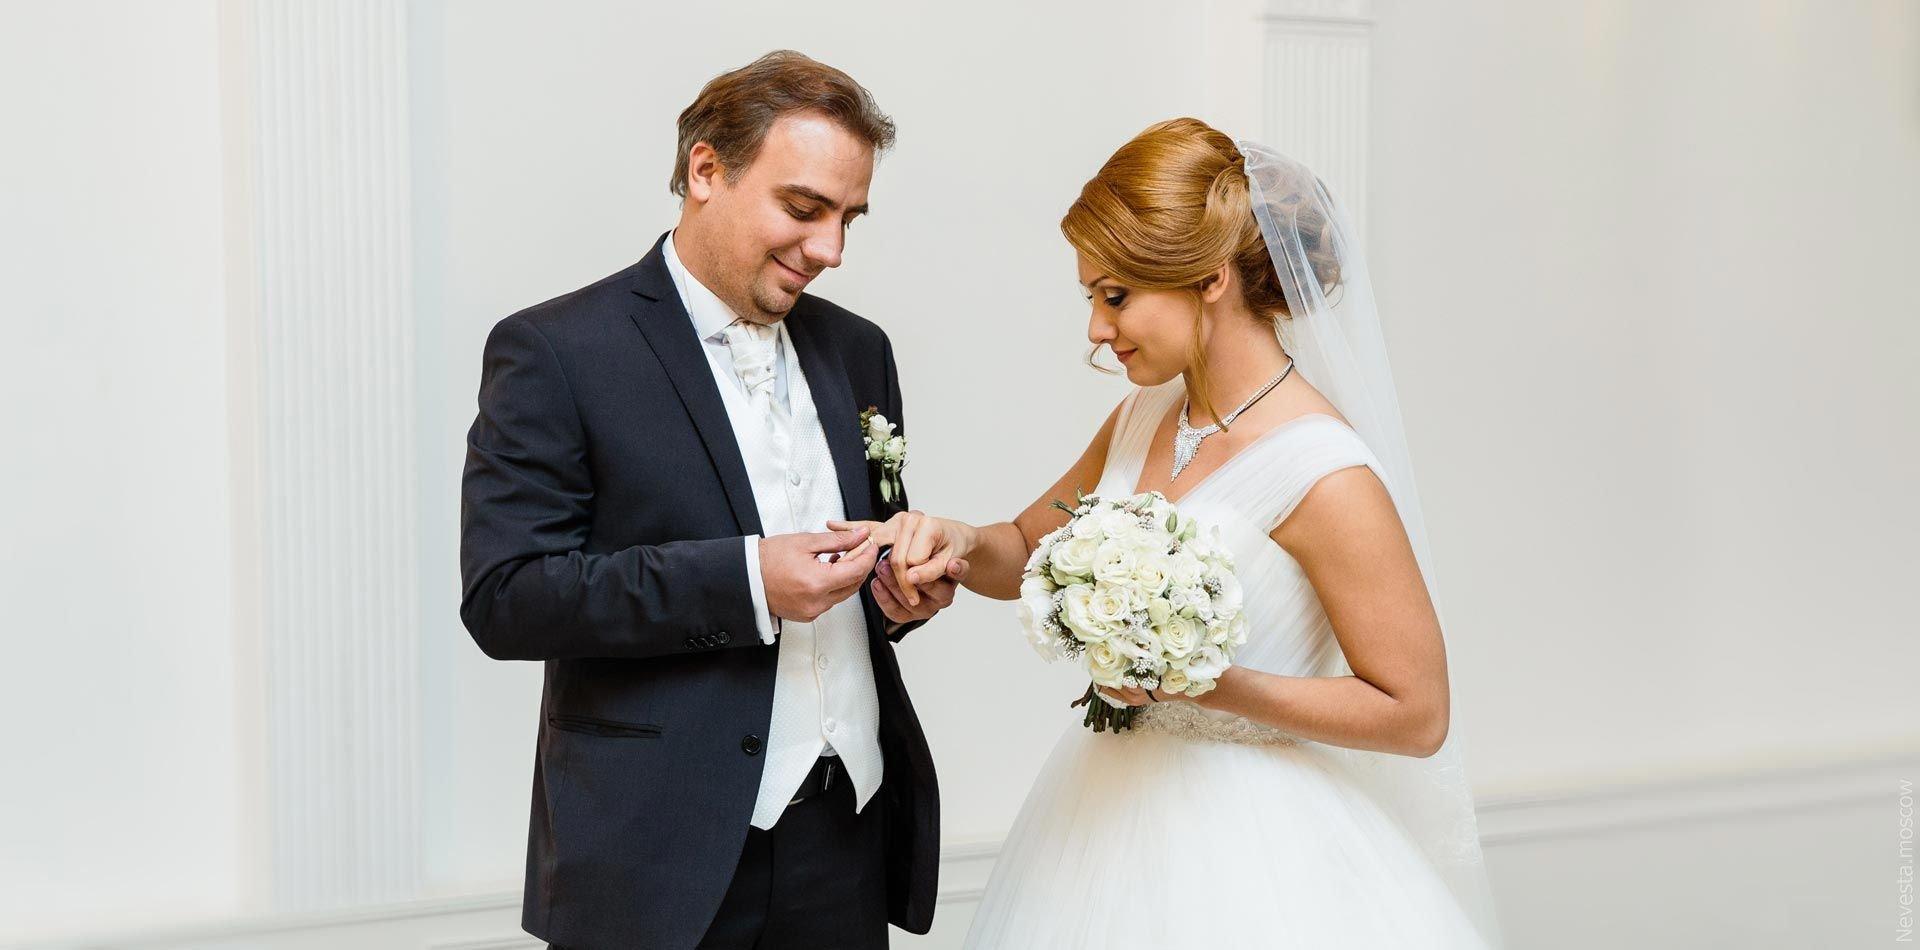 Свадьба Карины Мишулиный и Ивана Коробова